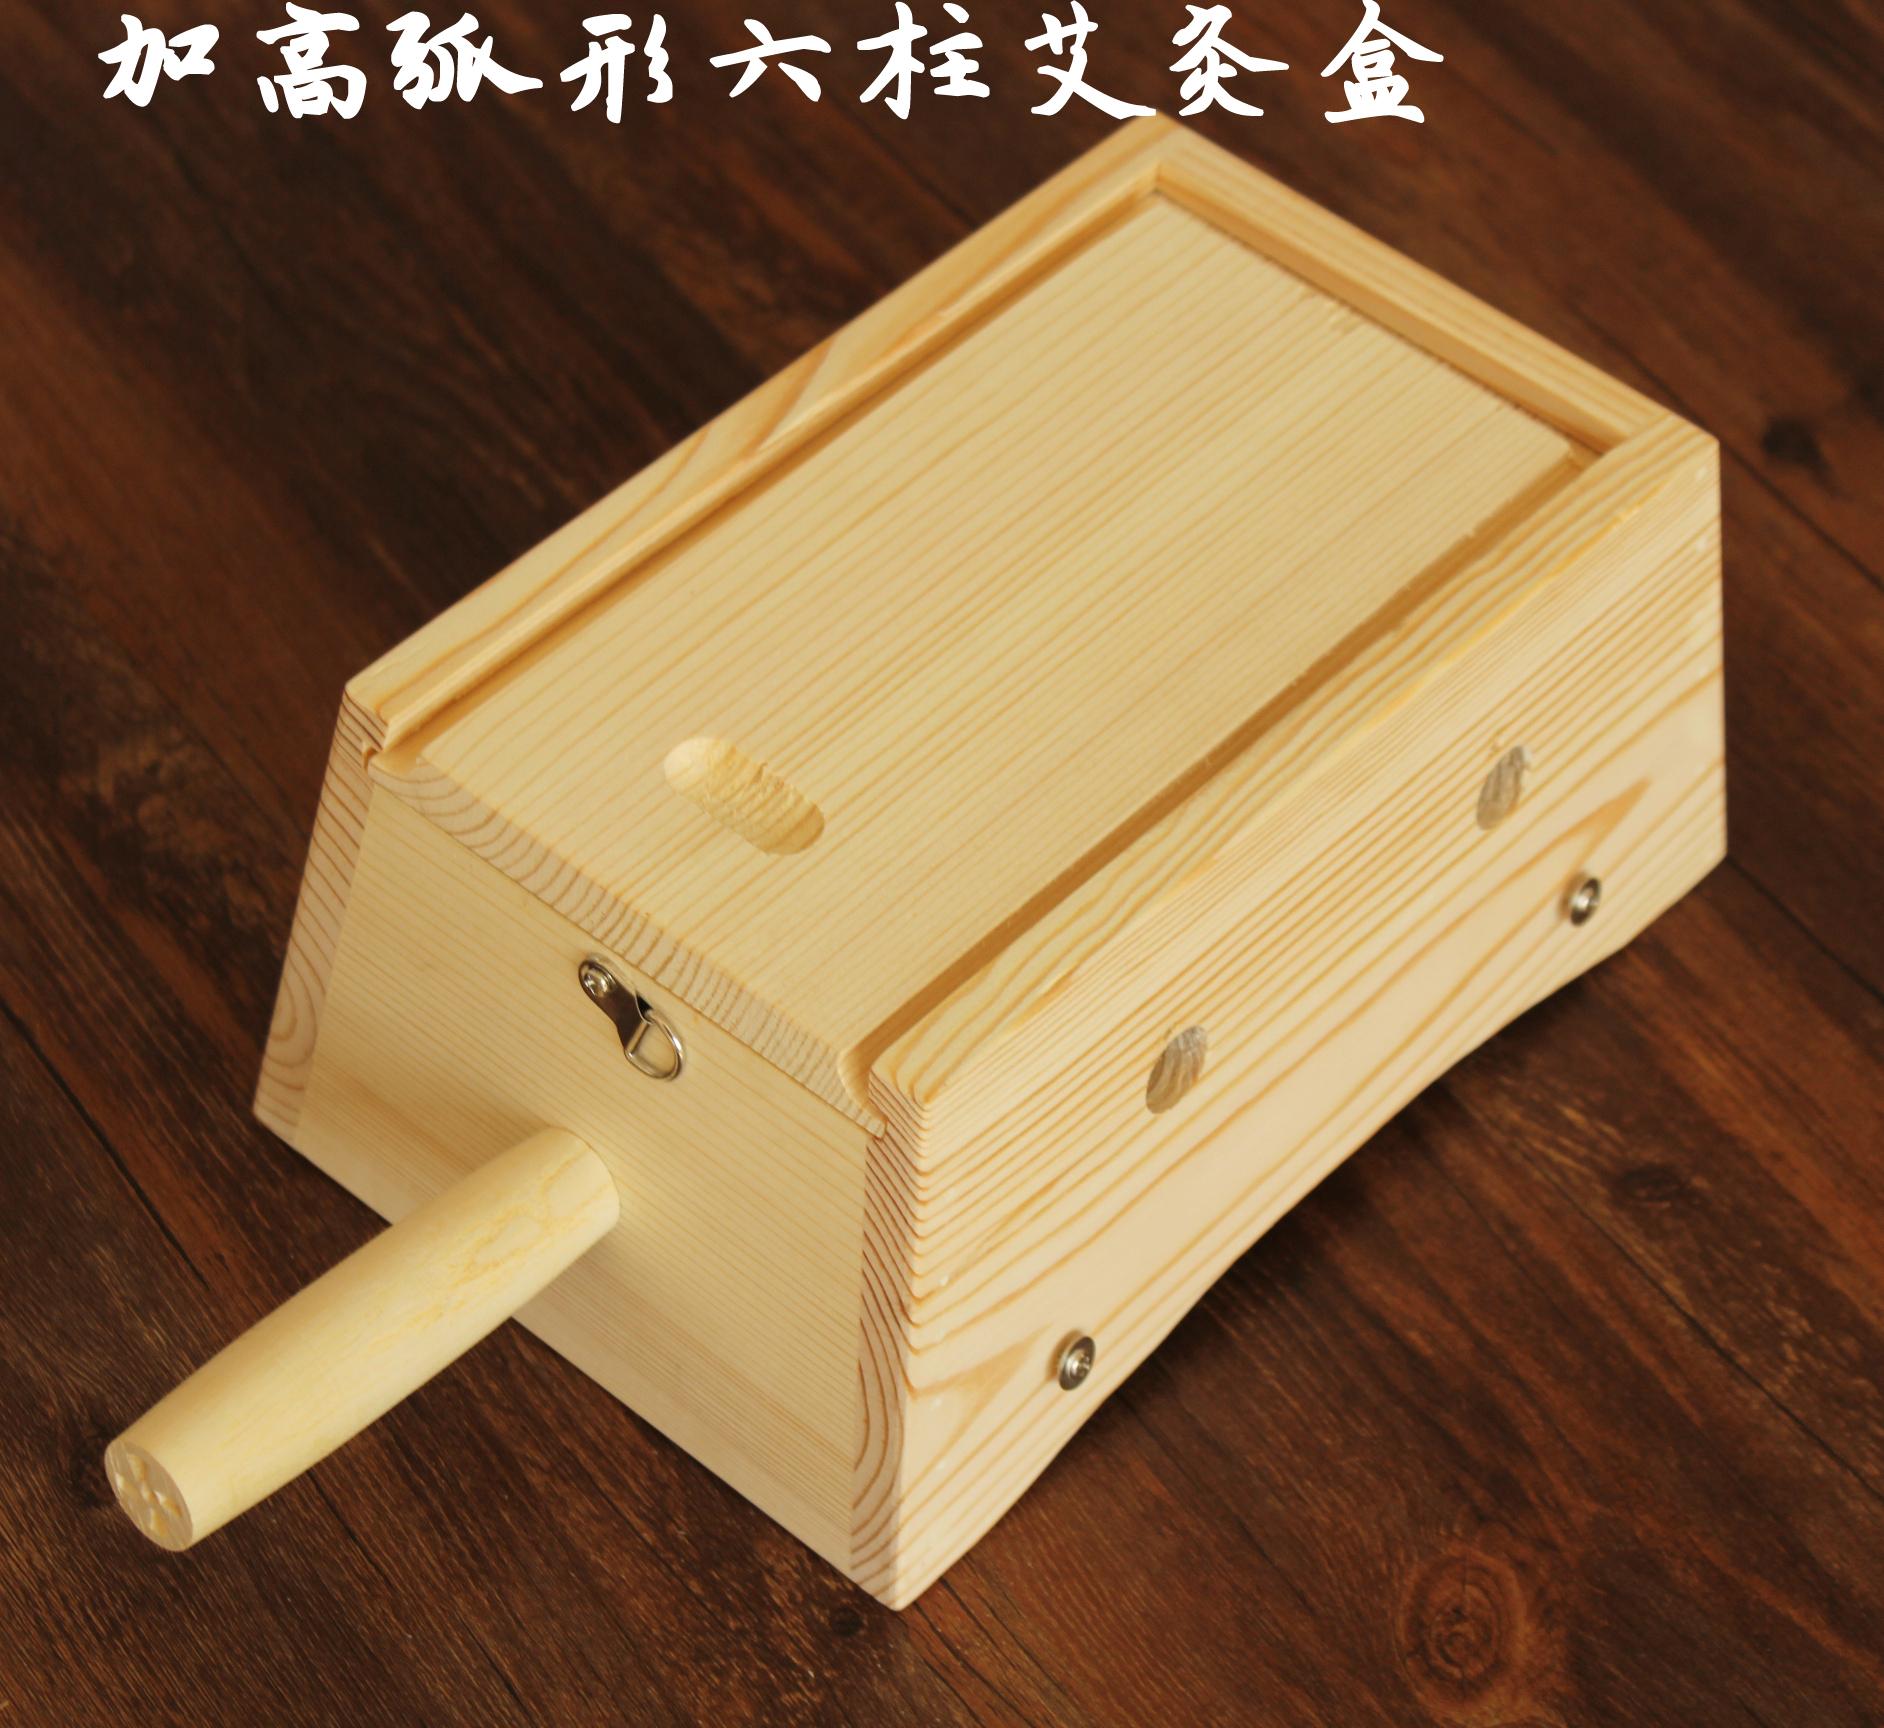 艾灸盒木制实木随身灸全身家用木质加高6六孔腰部腹部背部去湿气